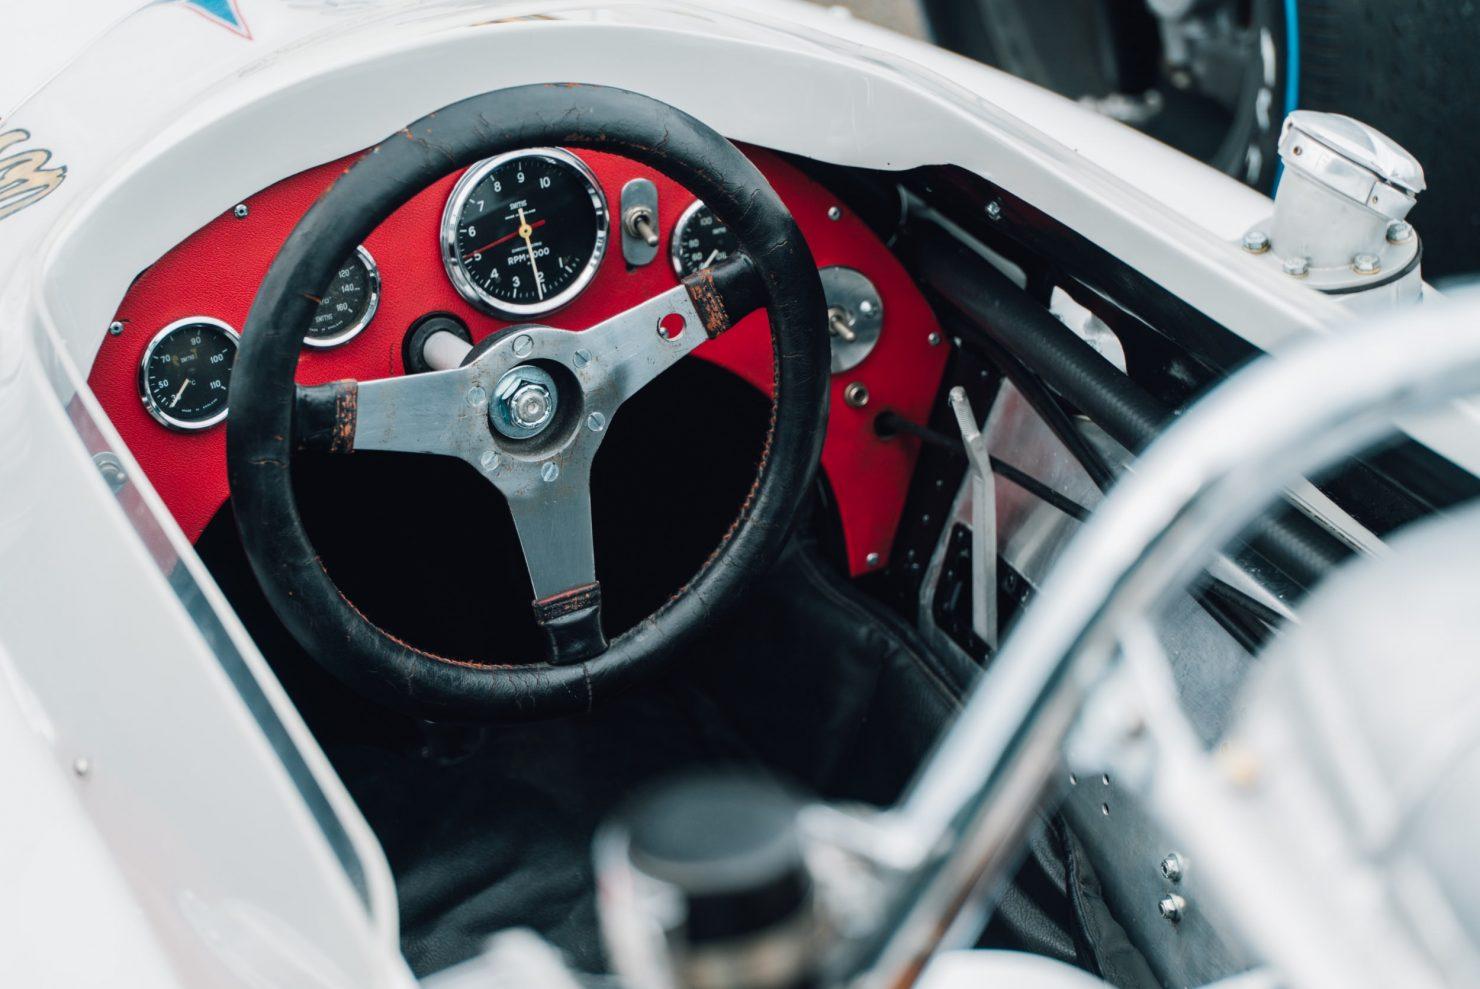 lotus type 34 indy 500 car 23 1480x989 - 1964 Lotus Type 34